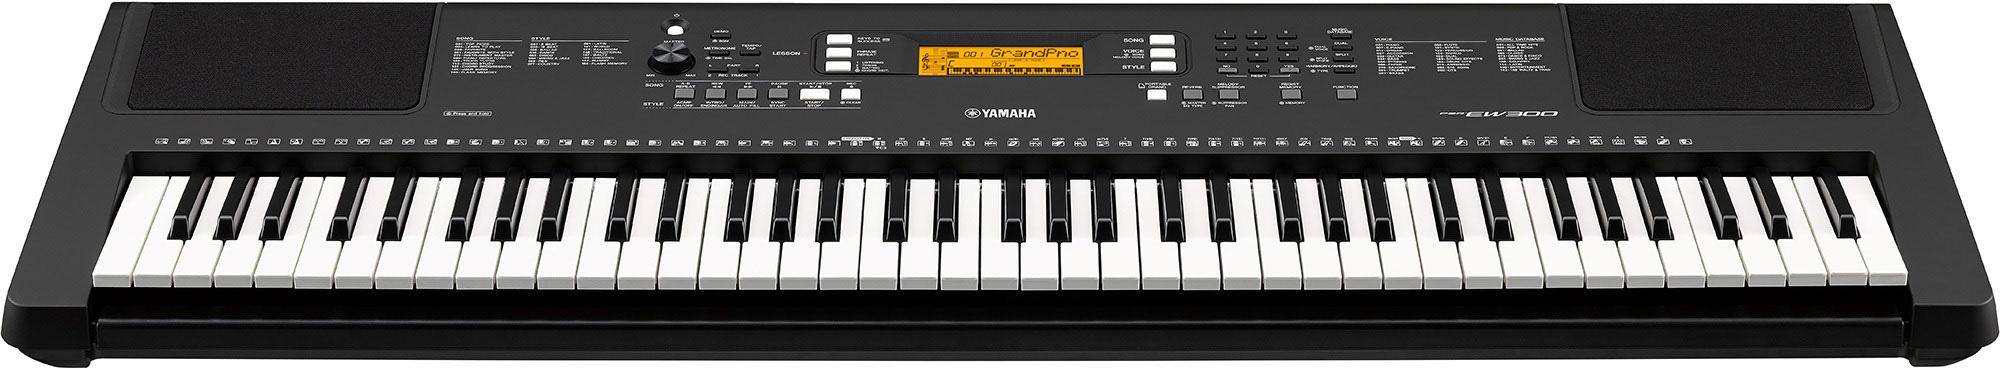 Yamaha psr ew300 image 1748836 audiofanzine for Yamaha psr ew300 review